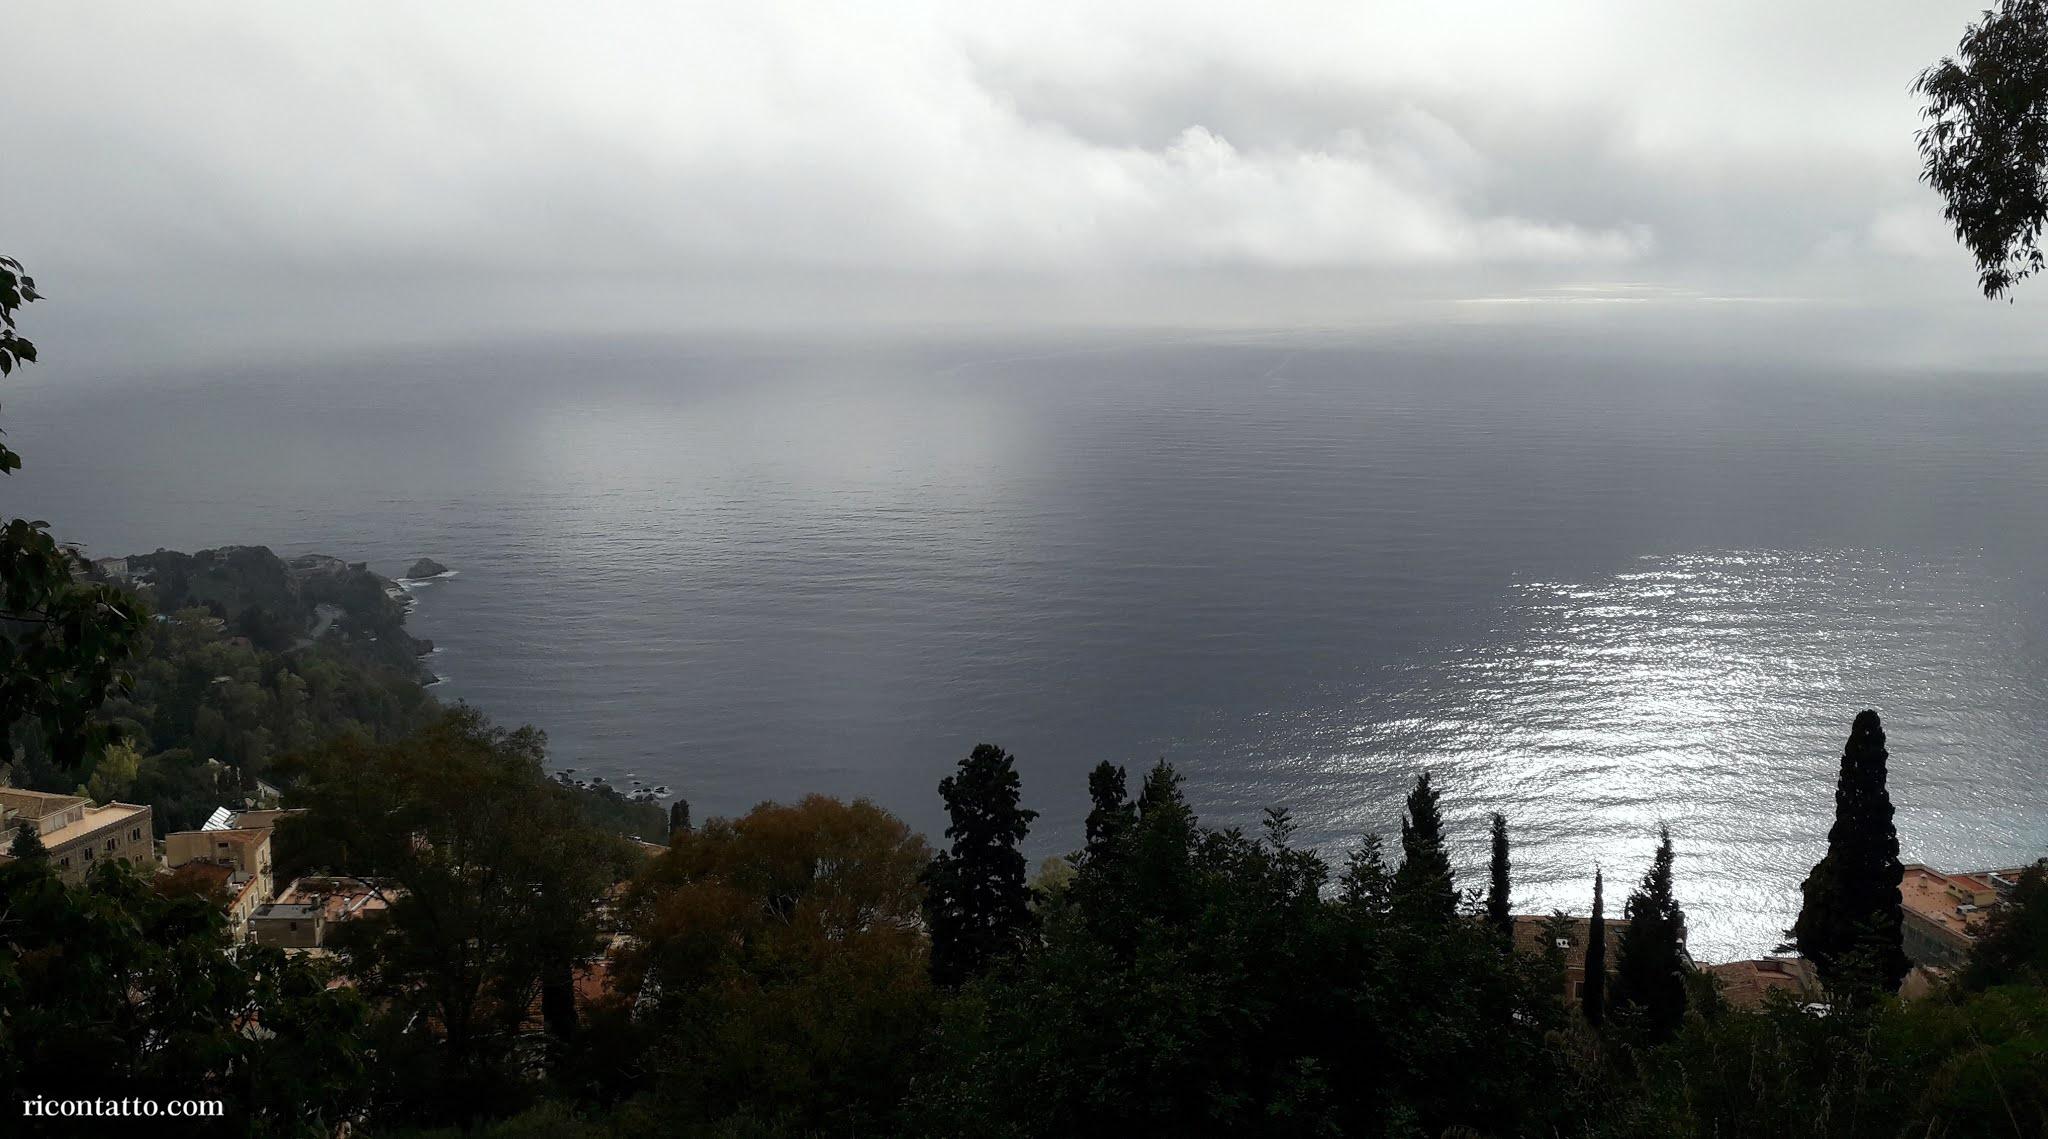 Taormina, Sicilia, Italy - Photo #15 by Ricontatto.com